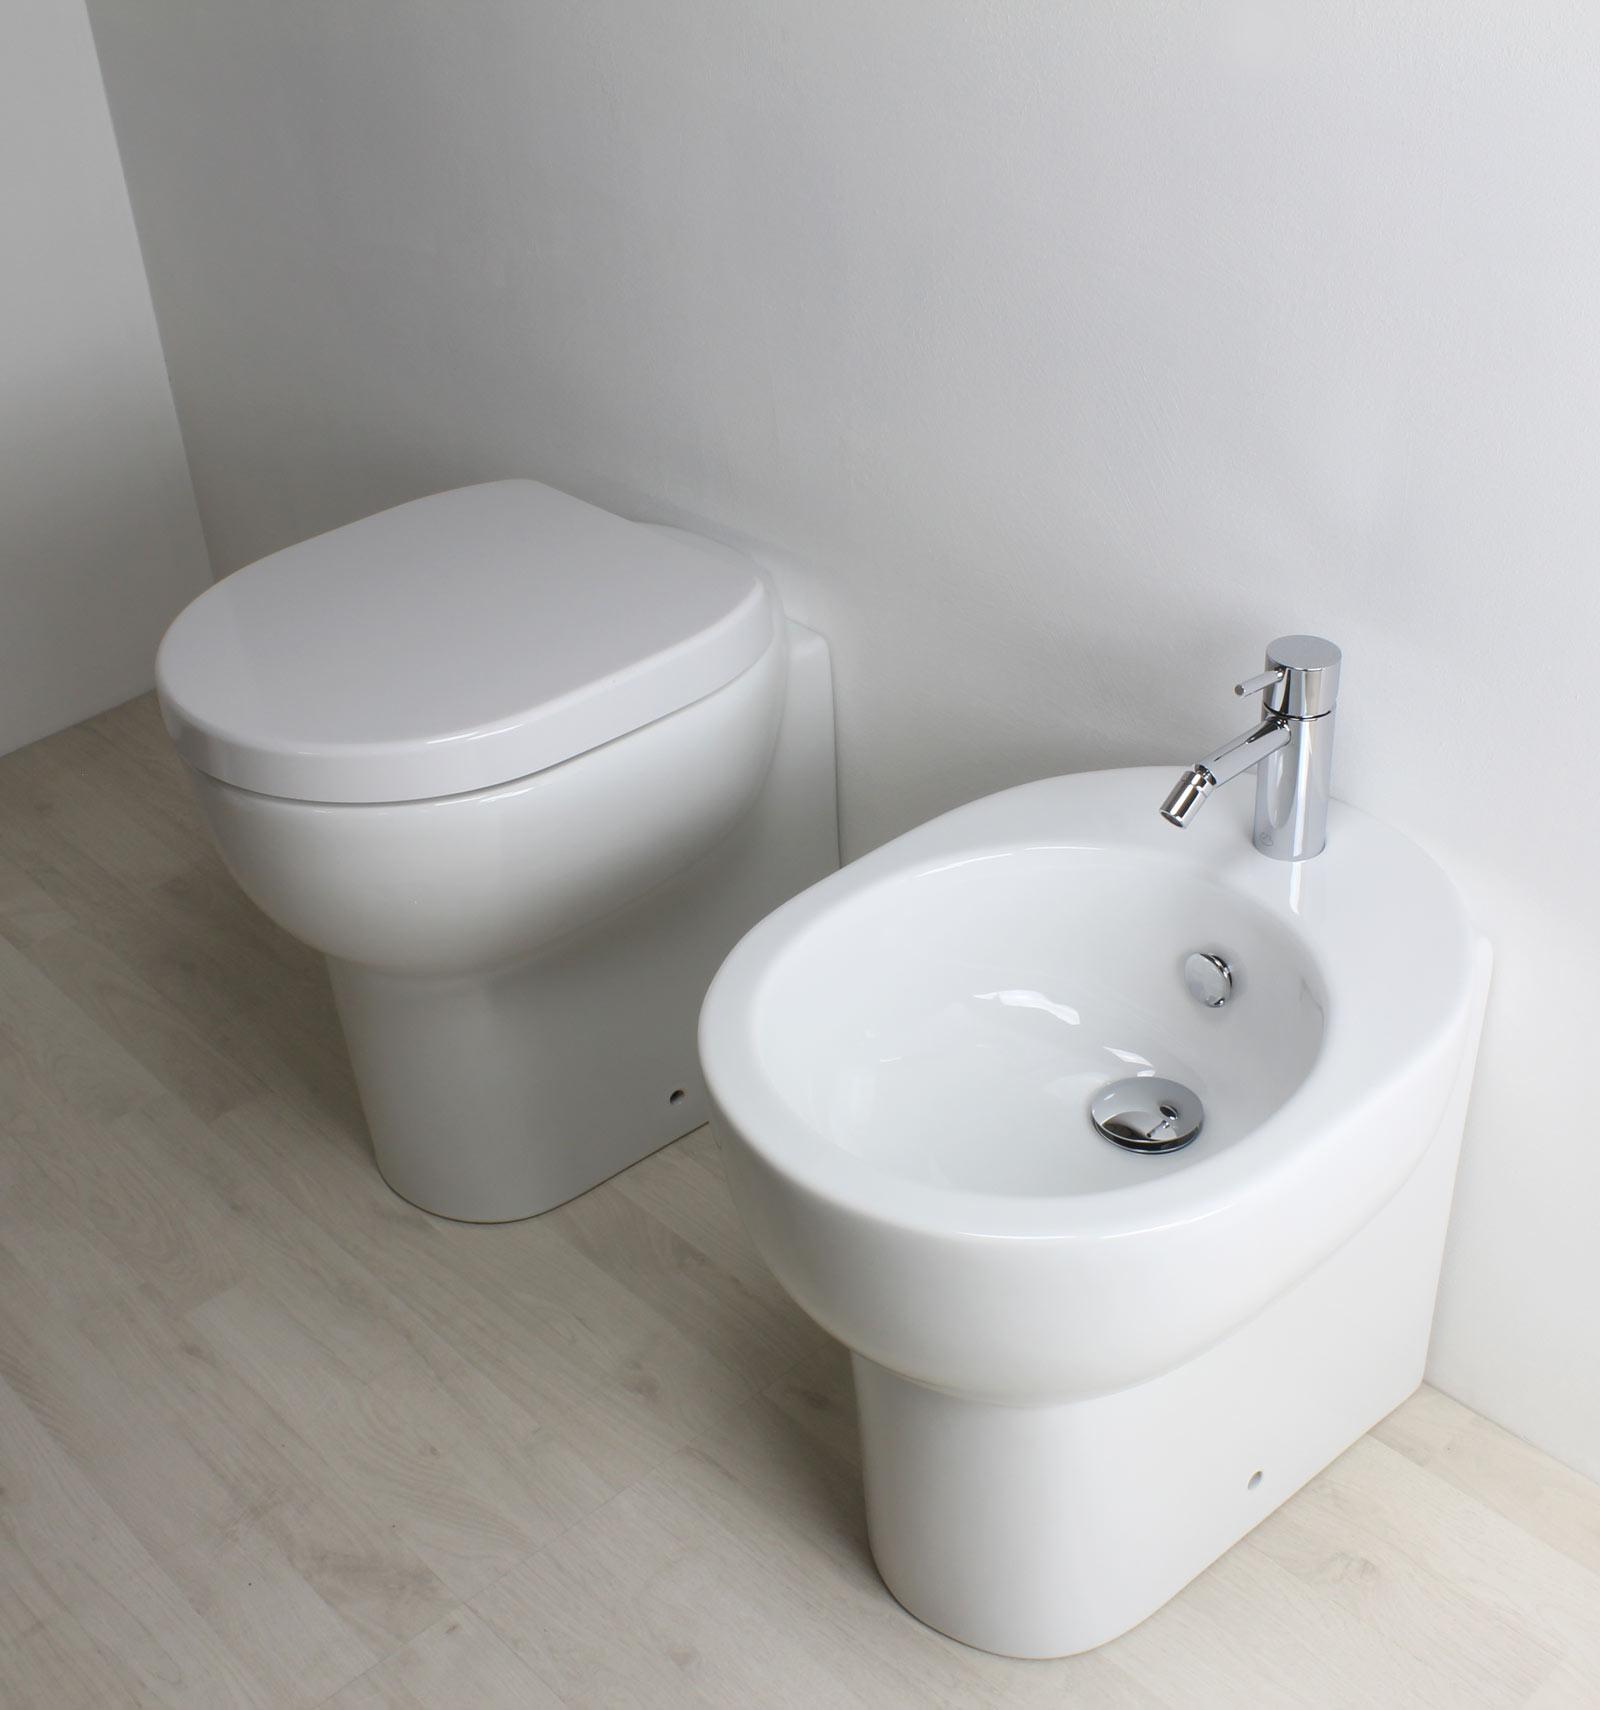 Sanitari bagno piccoli 45 m2 - Costo water bagno ...